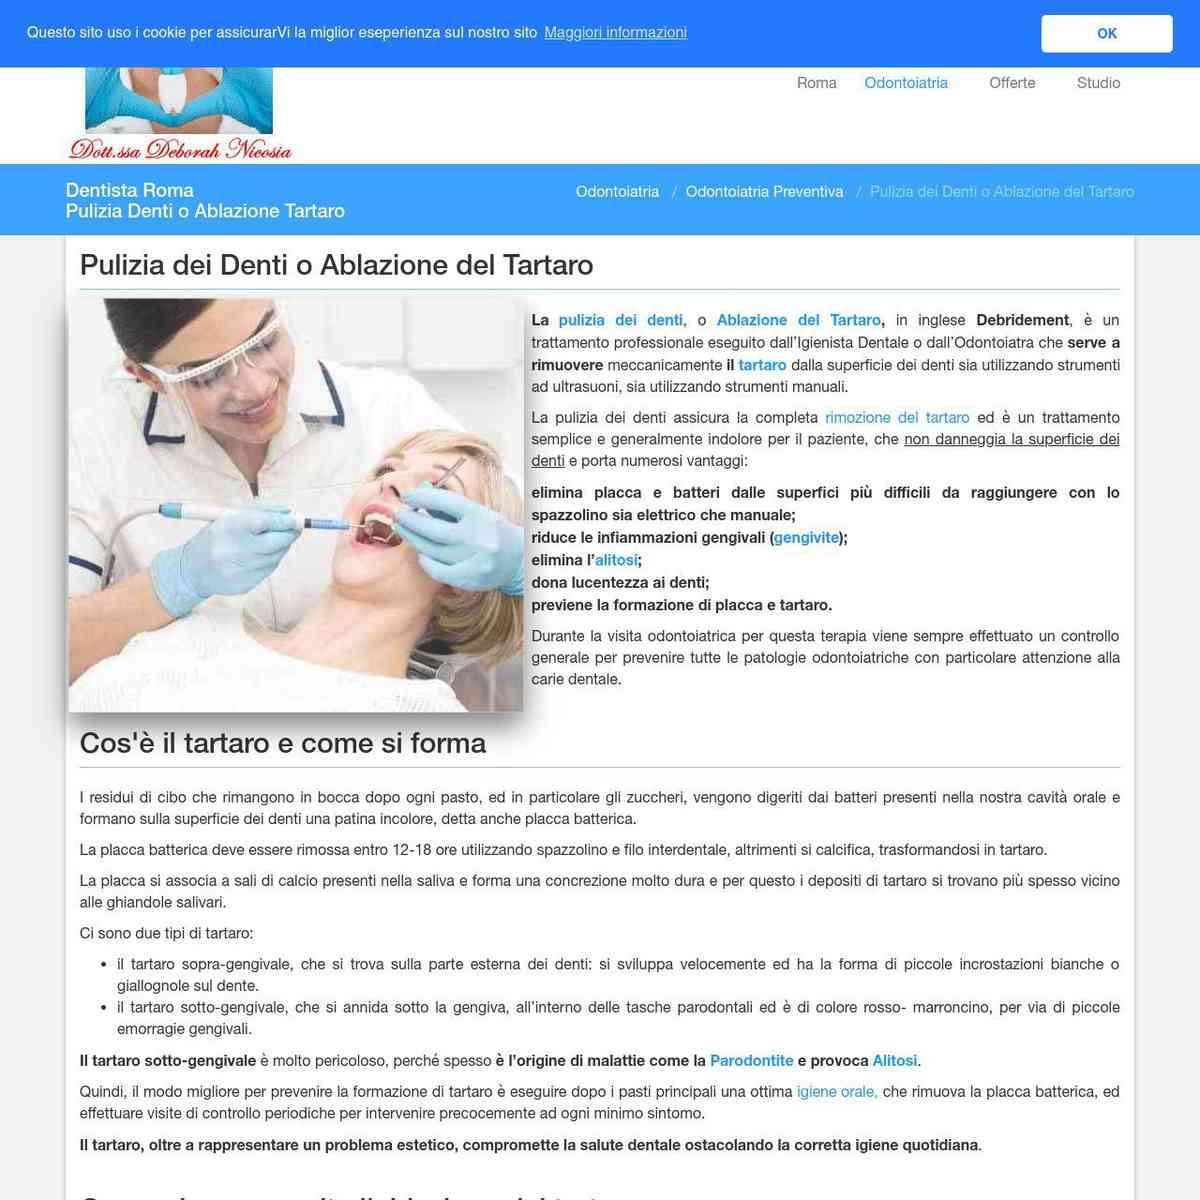 Pulizia Denti o Ablazione Tartaro - Dentista Roma